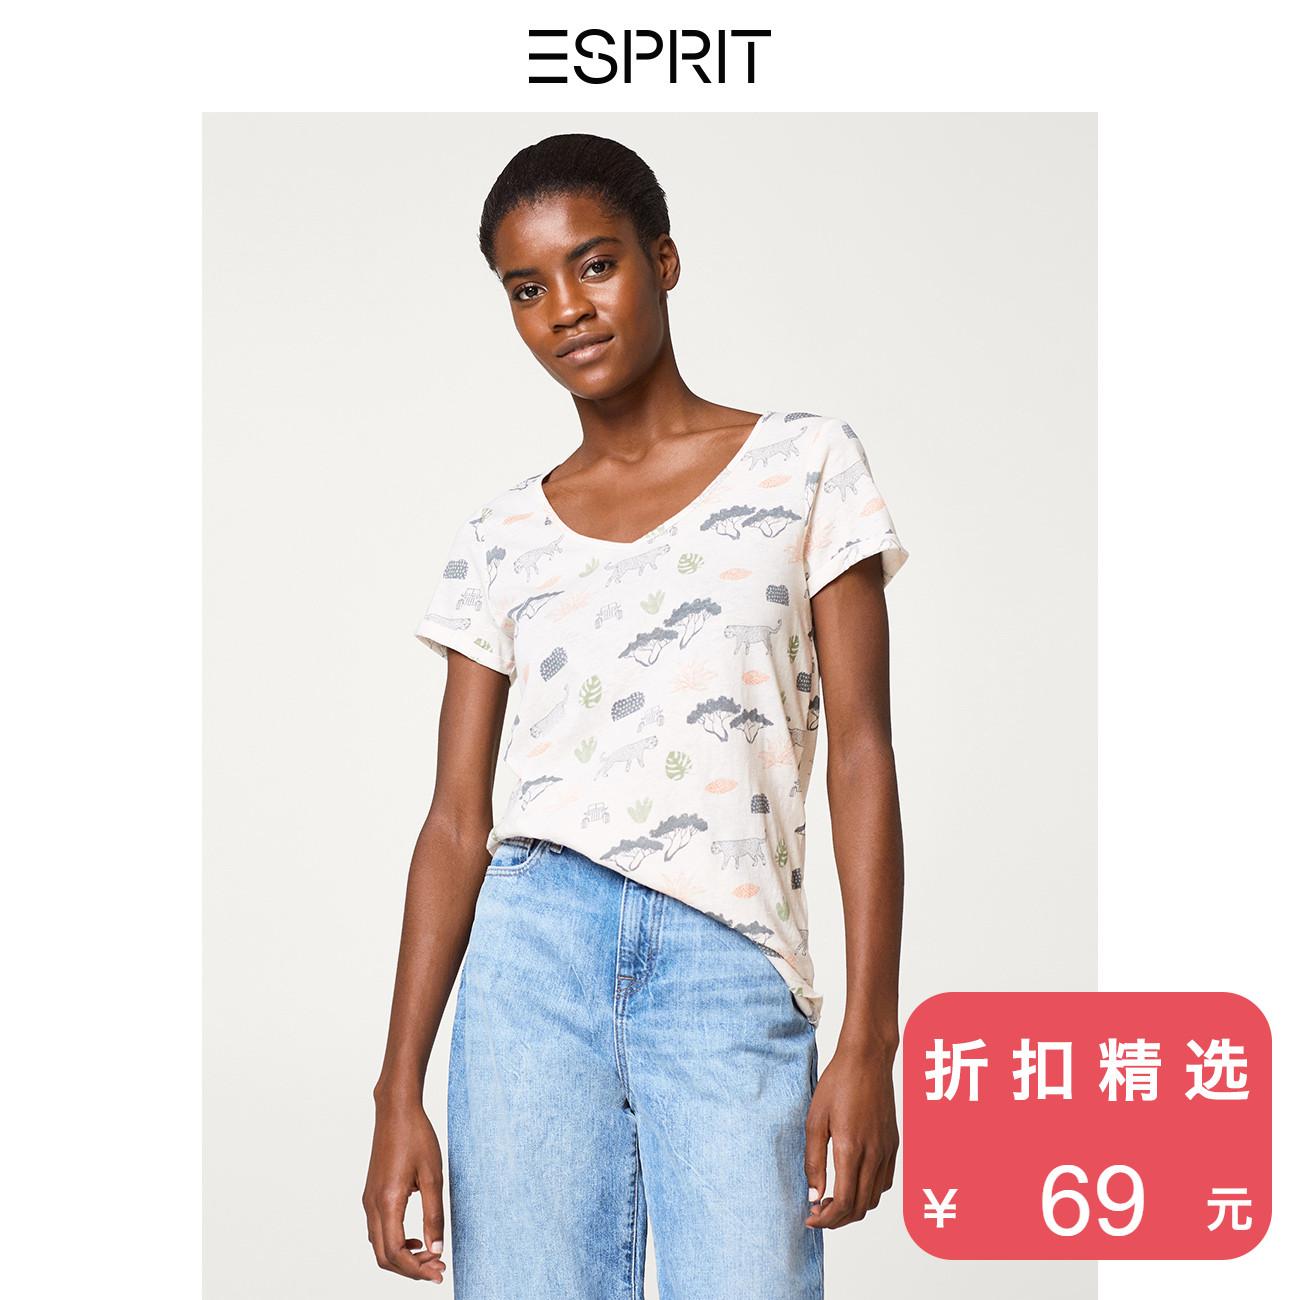 ESPRIT女装夏装商场同款棉麻透气印花短袖上衣T恤女048EE1K024